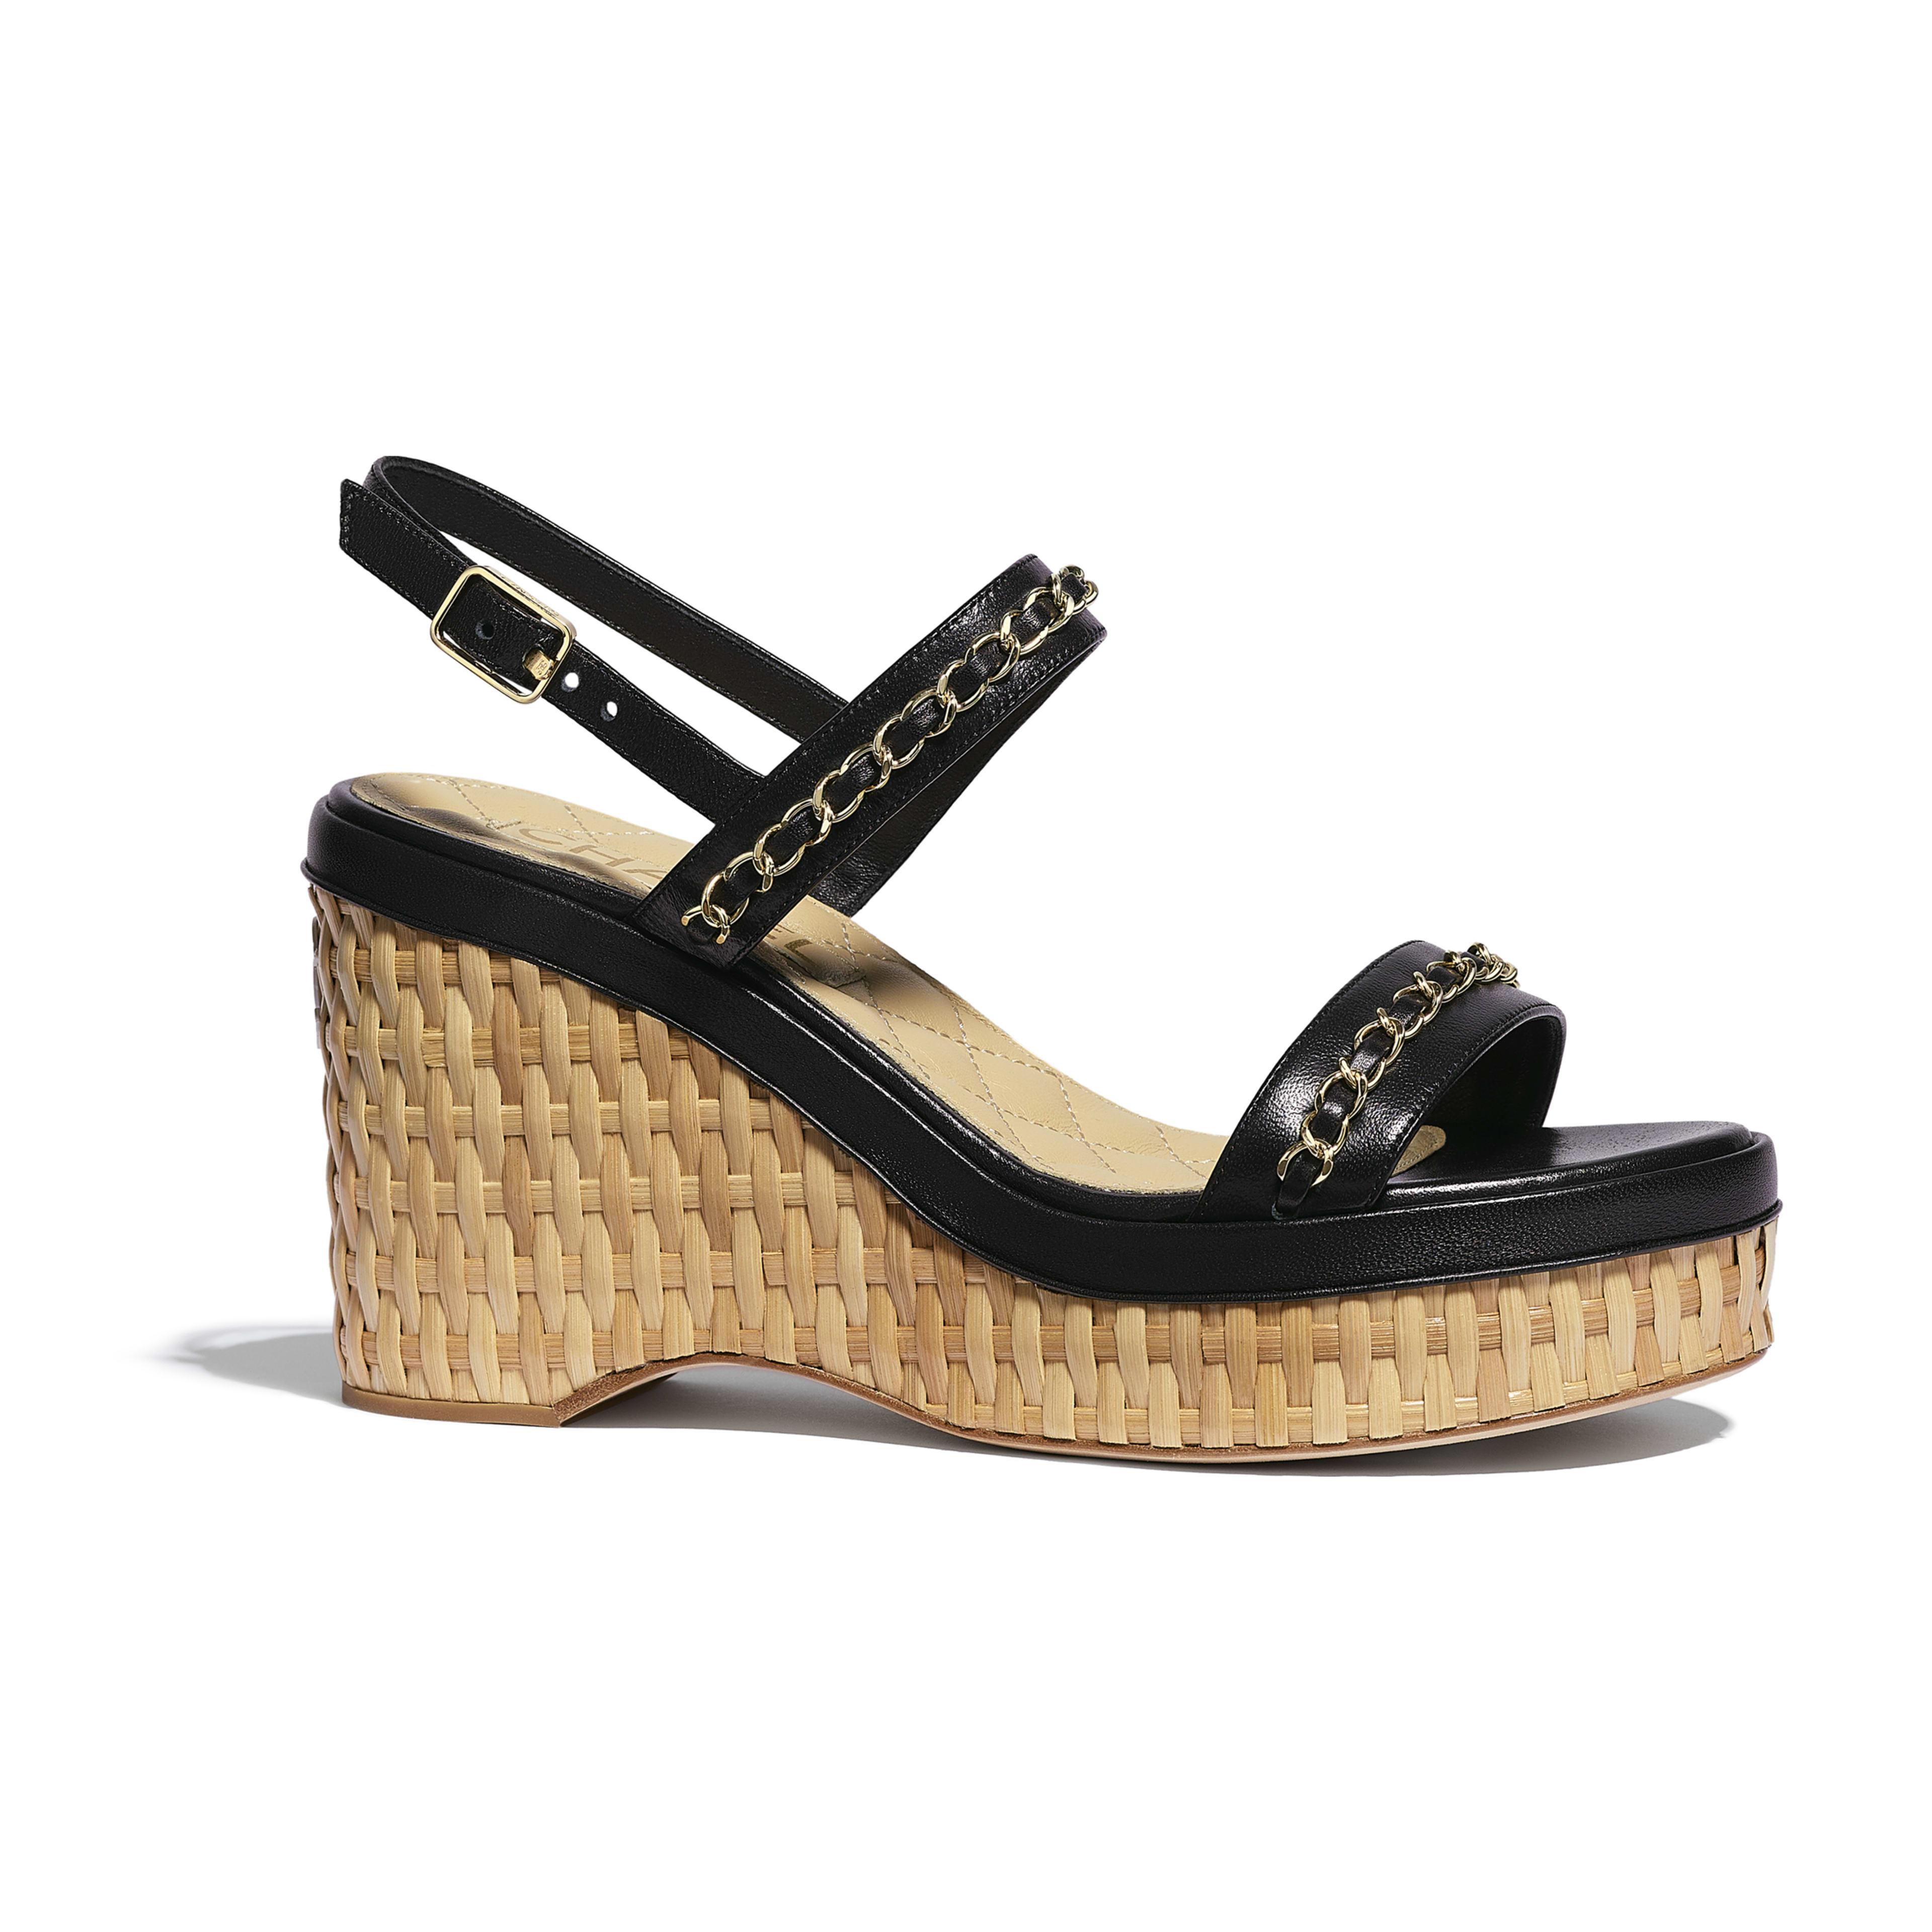 รองเท้าแซนดัลมีสายรัดส้น - สีดำ - หนังแกะ - มุมมองปัจจุบัน - ดูเวอร์ชันขนาดเต็ม